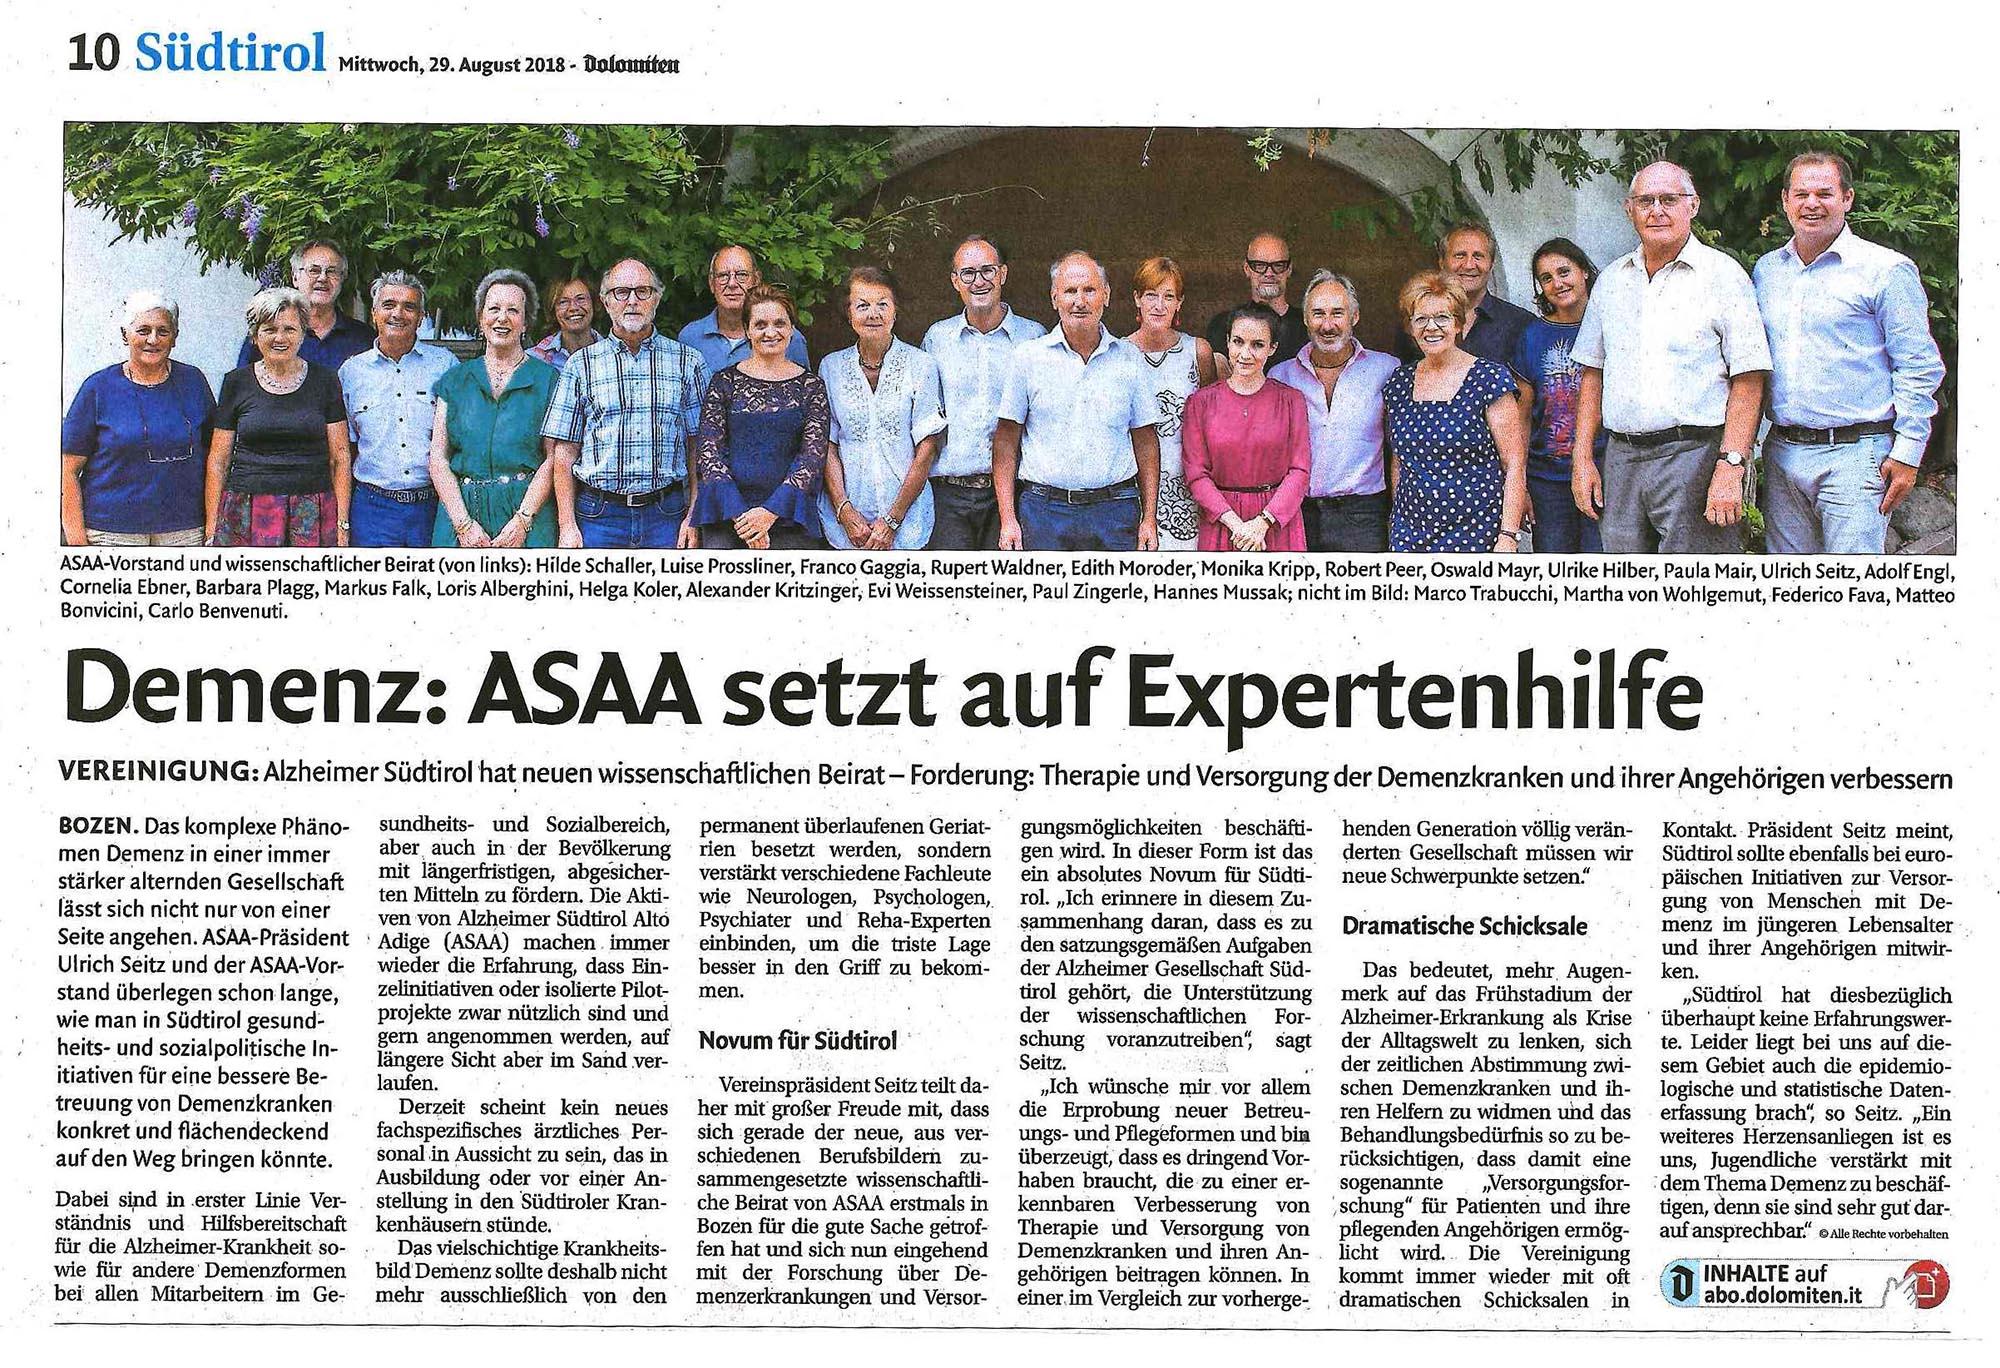 Artikel Dolomiten 29. August 2018